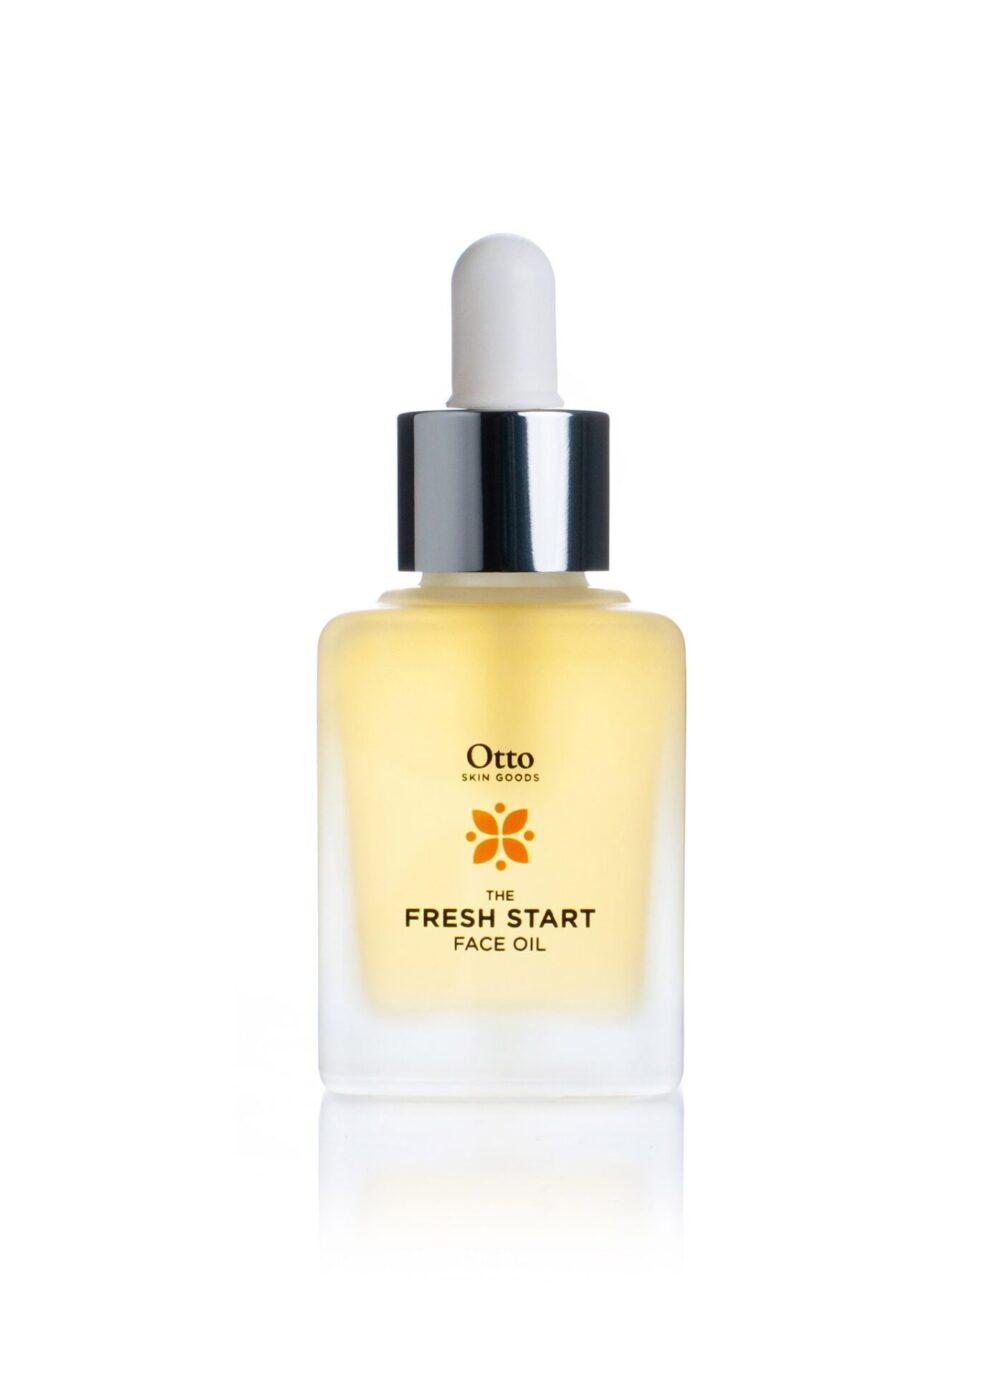 otto face oil